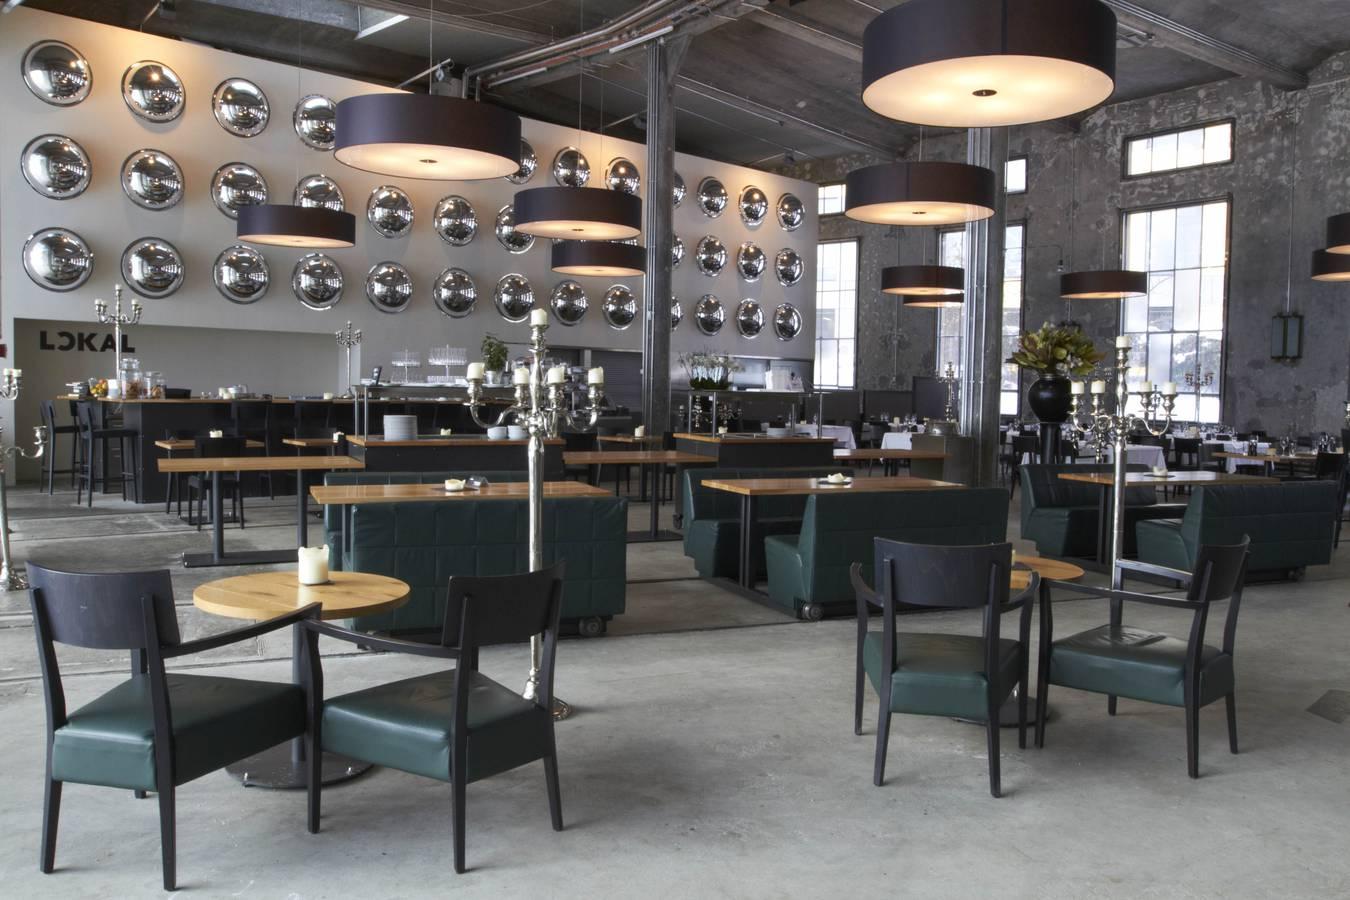 Das Restaurant Lokal in der Lokremise St.Gallen (© zVg)